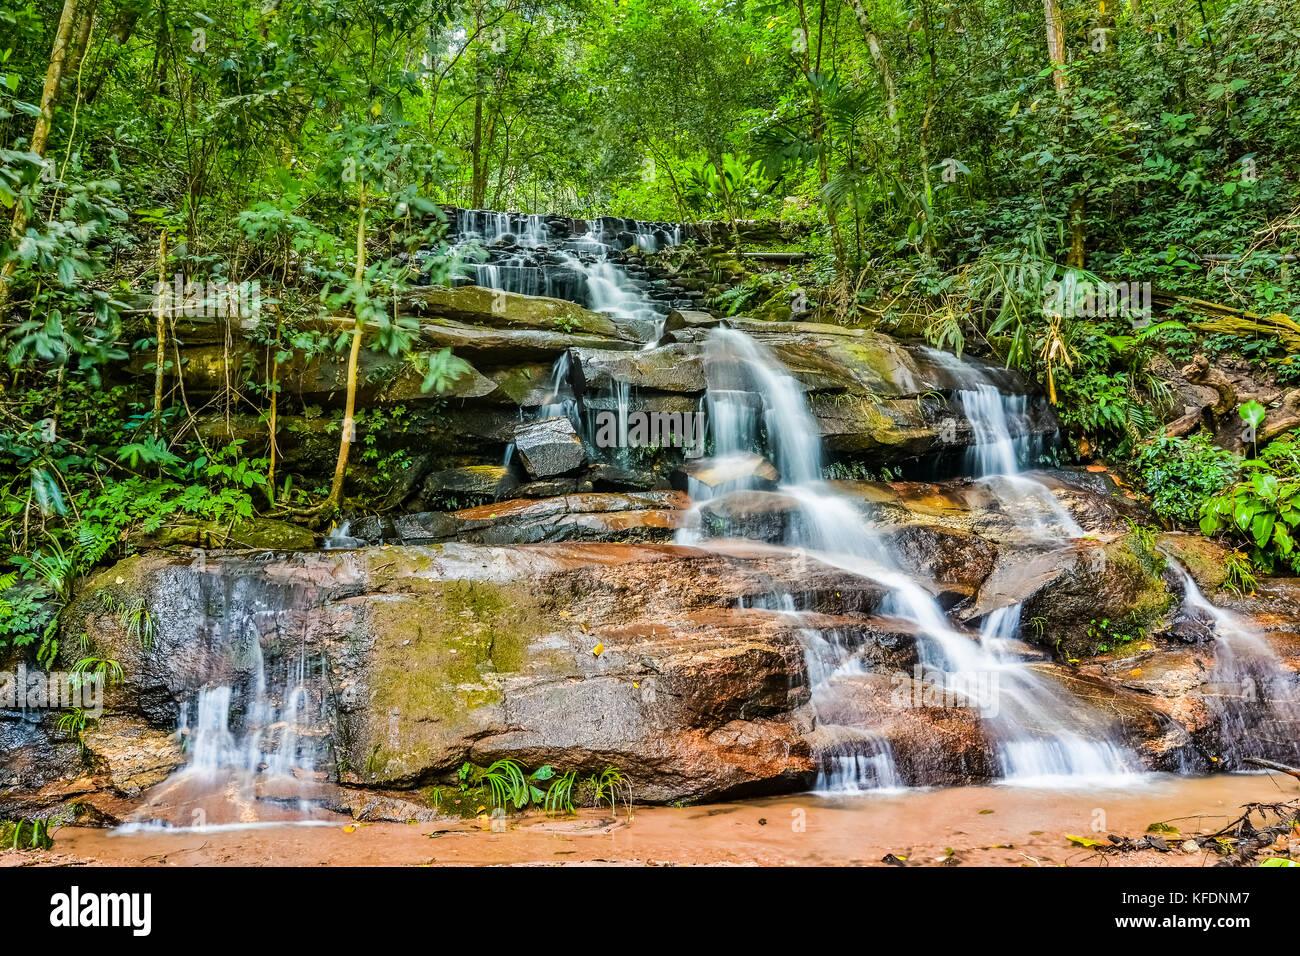 Schönen Wasserfall am Doi Suthep, Chiang Mai, Thailand, Asien Stockbild